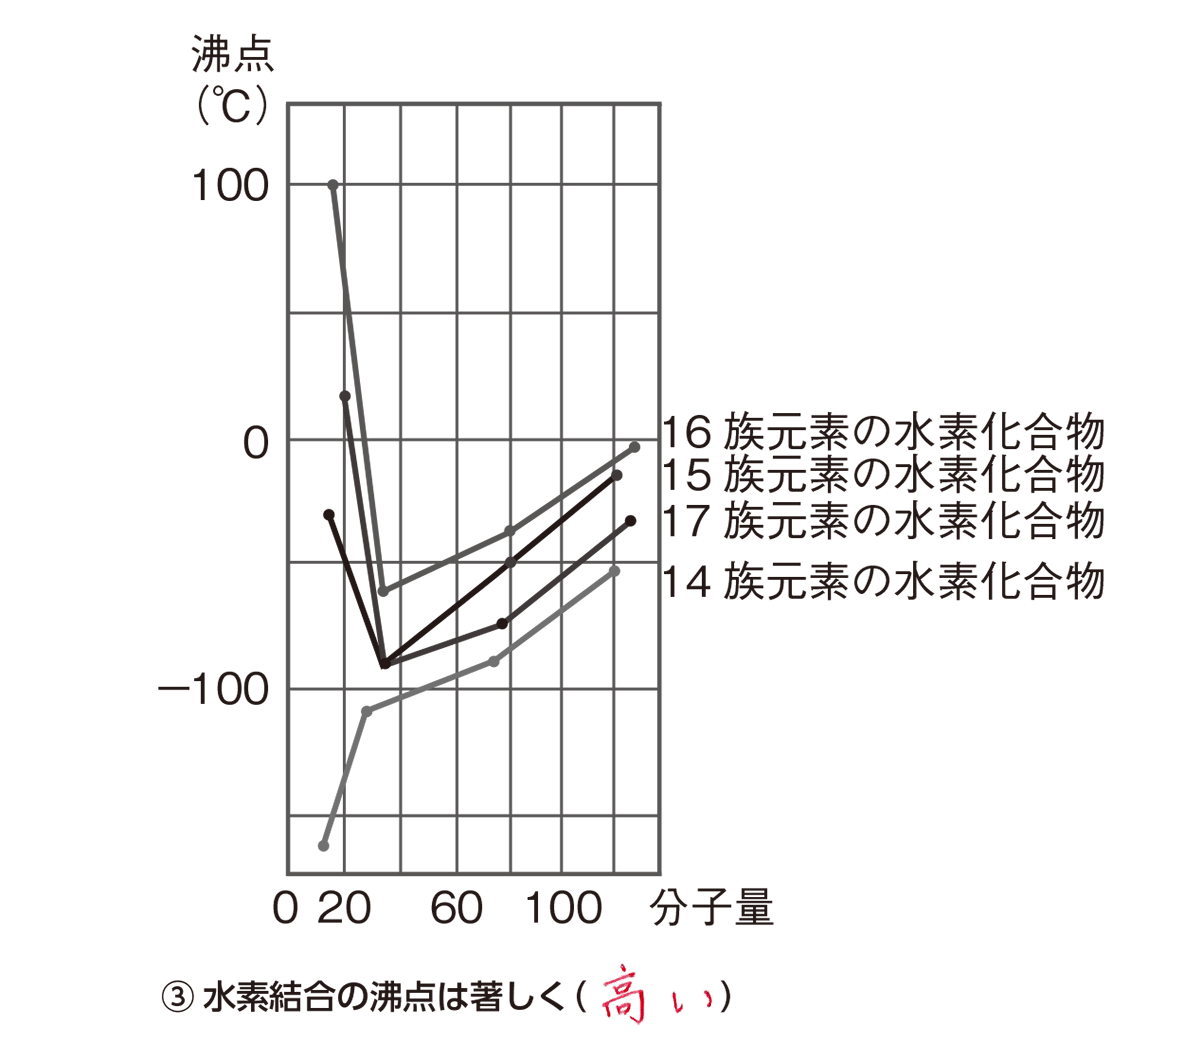 高校化学 物質の状態と平衡3 ポイント1 図とPOINT③のみ